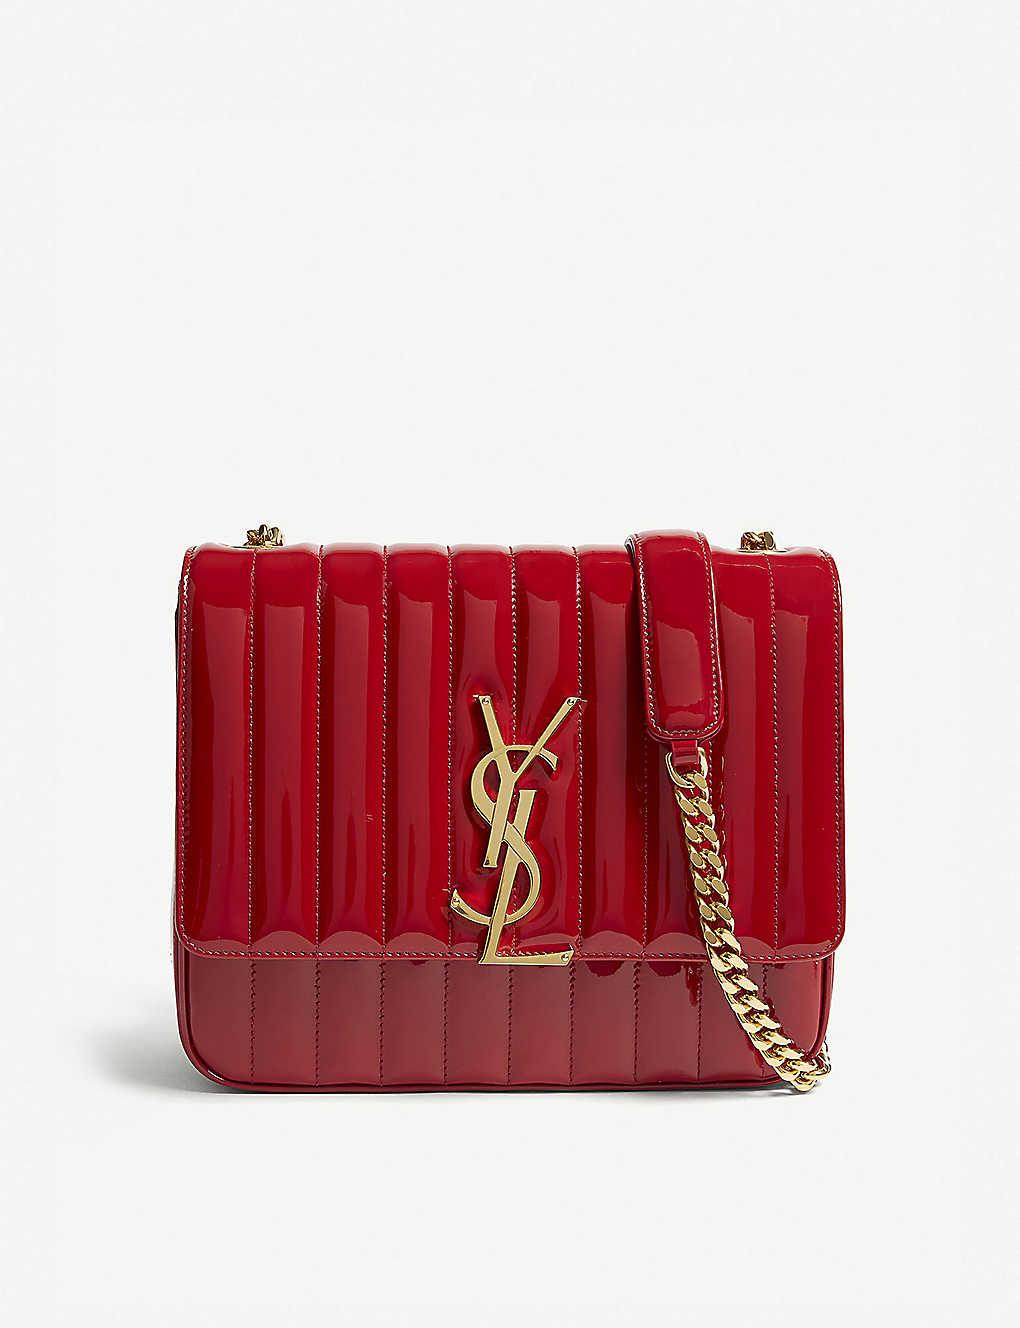 SAINT LAURENT - Vicky large patent leather shoulder bag  9040aad7a9d18